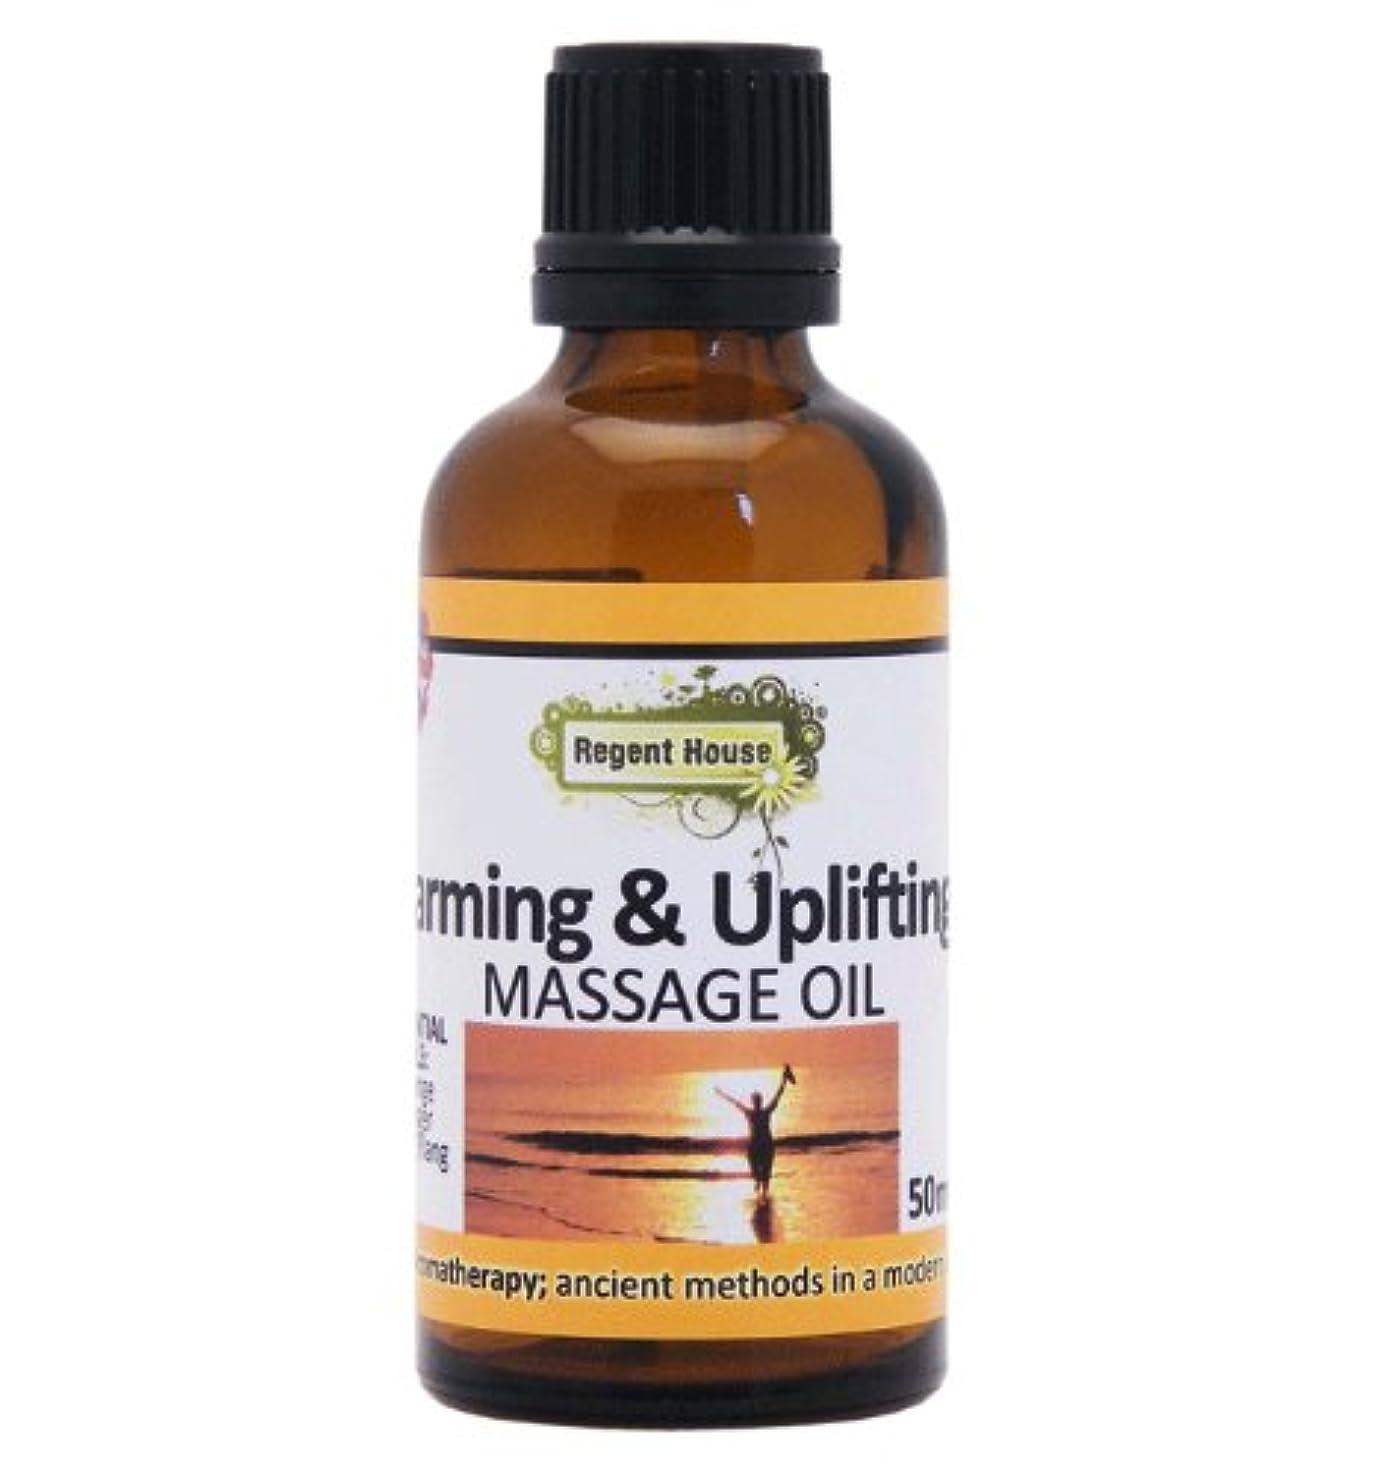 導出デジタル逸脱イタリア産の天然オレンジ精油を、たっぷり配合。 アロマ ナチュラル マッサージオイル 50ml ウォーミング&アップリフティング(Aroma Massage Oil Warming & Uplifting)